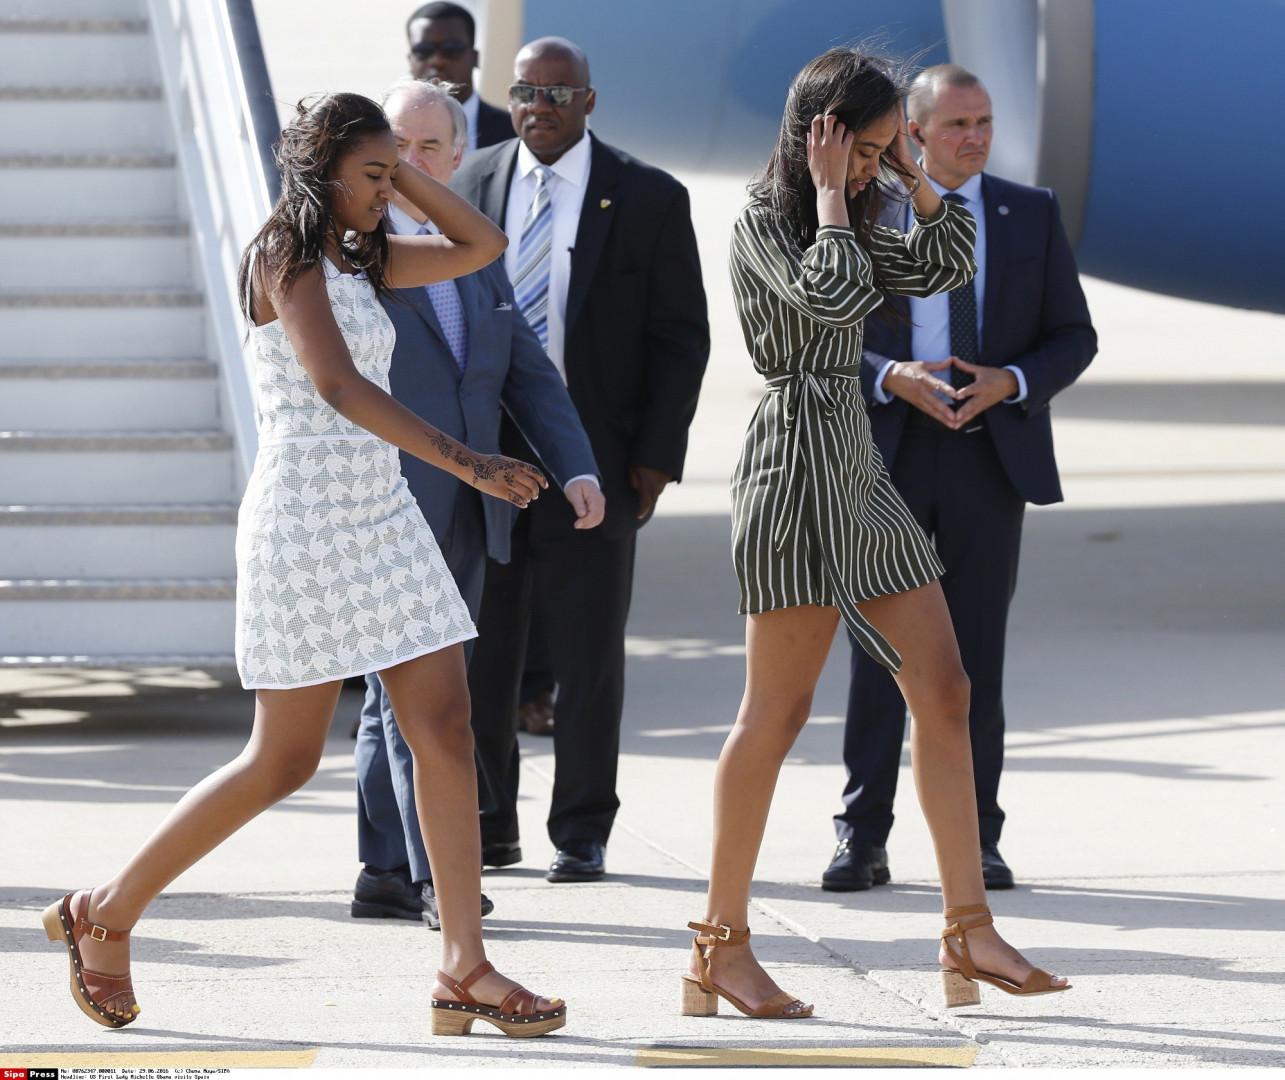 De plus en plus présentes dans les médias, les deux jeunes filles portent désormais une attention toute particulière à leur allure.